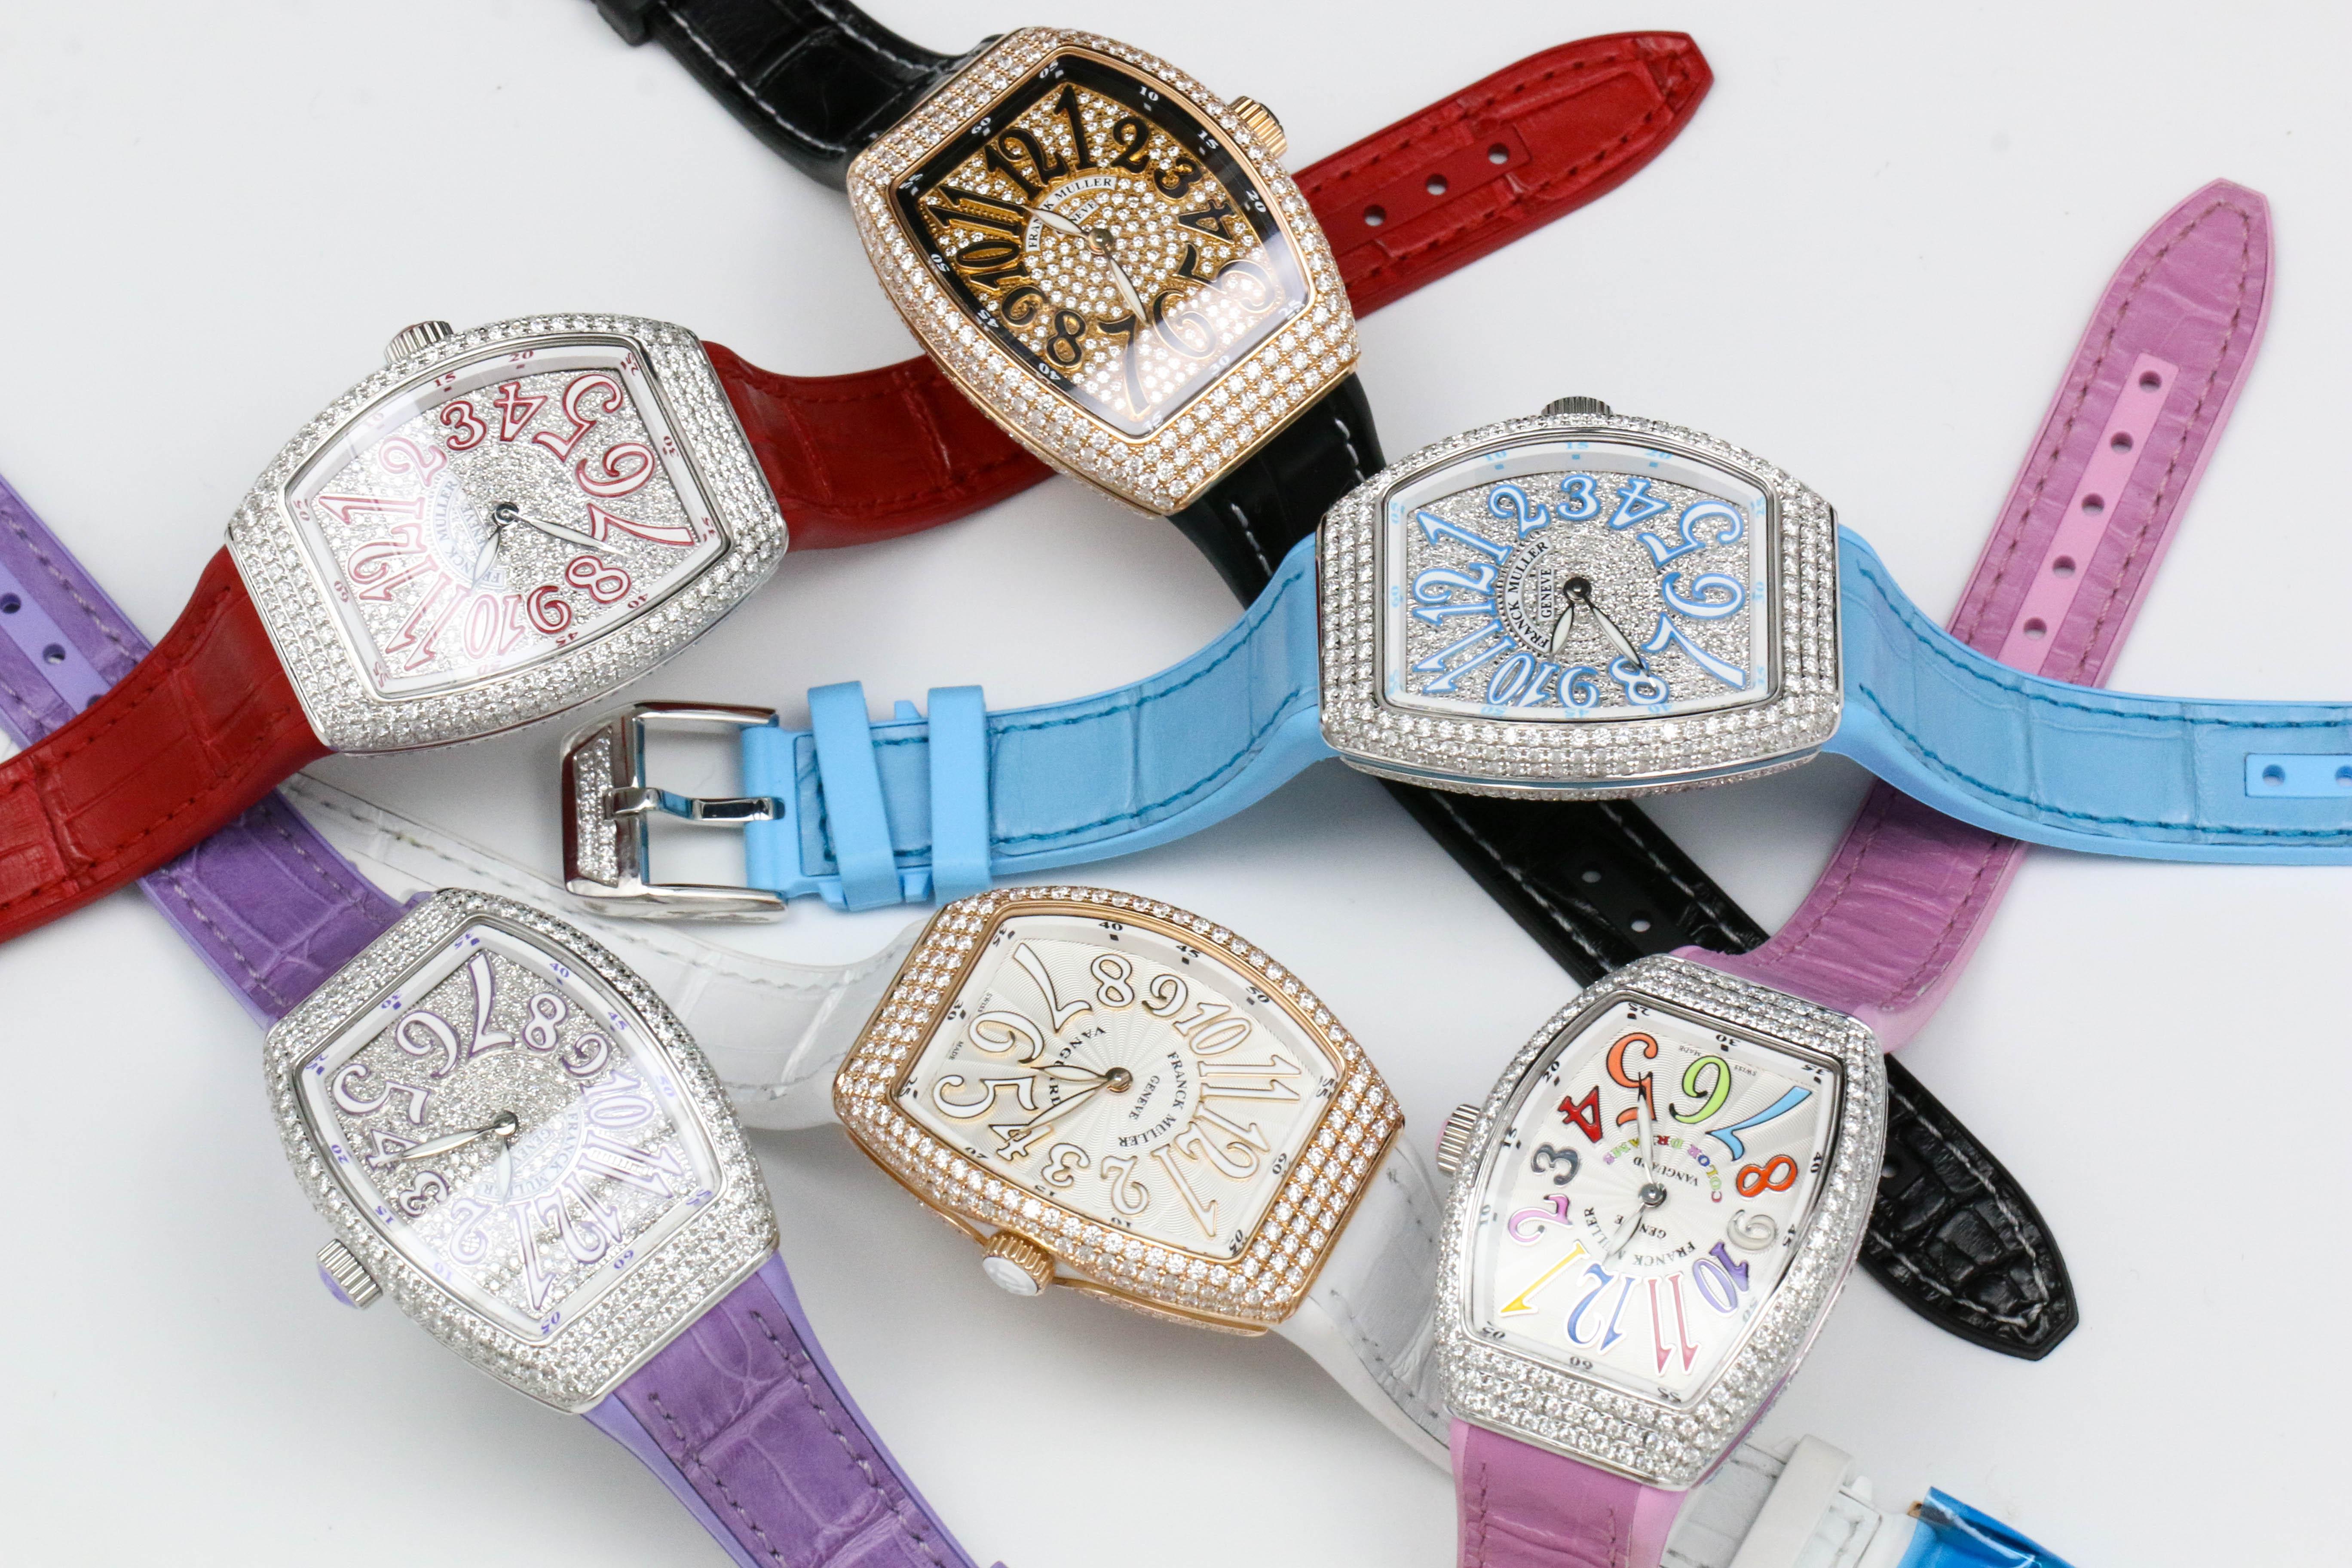 Giá bán đồng hồ Franck Muller chính hãng là bao nhiêu tiền?